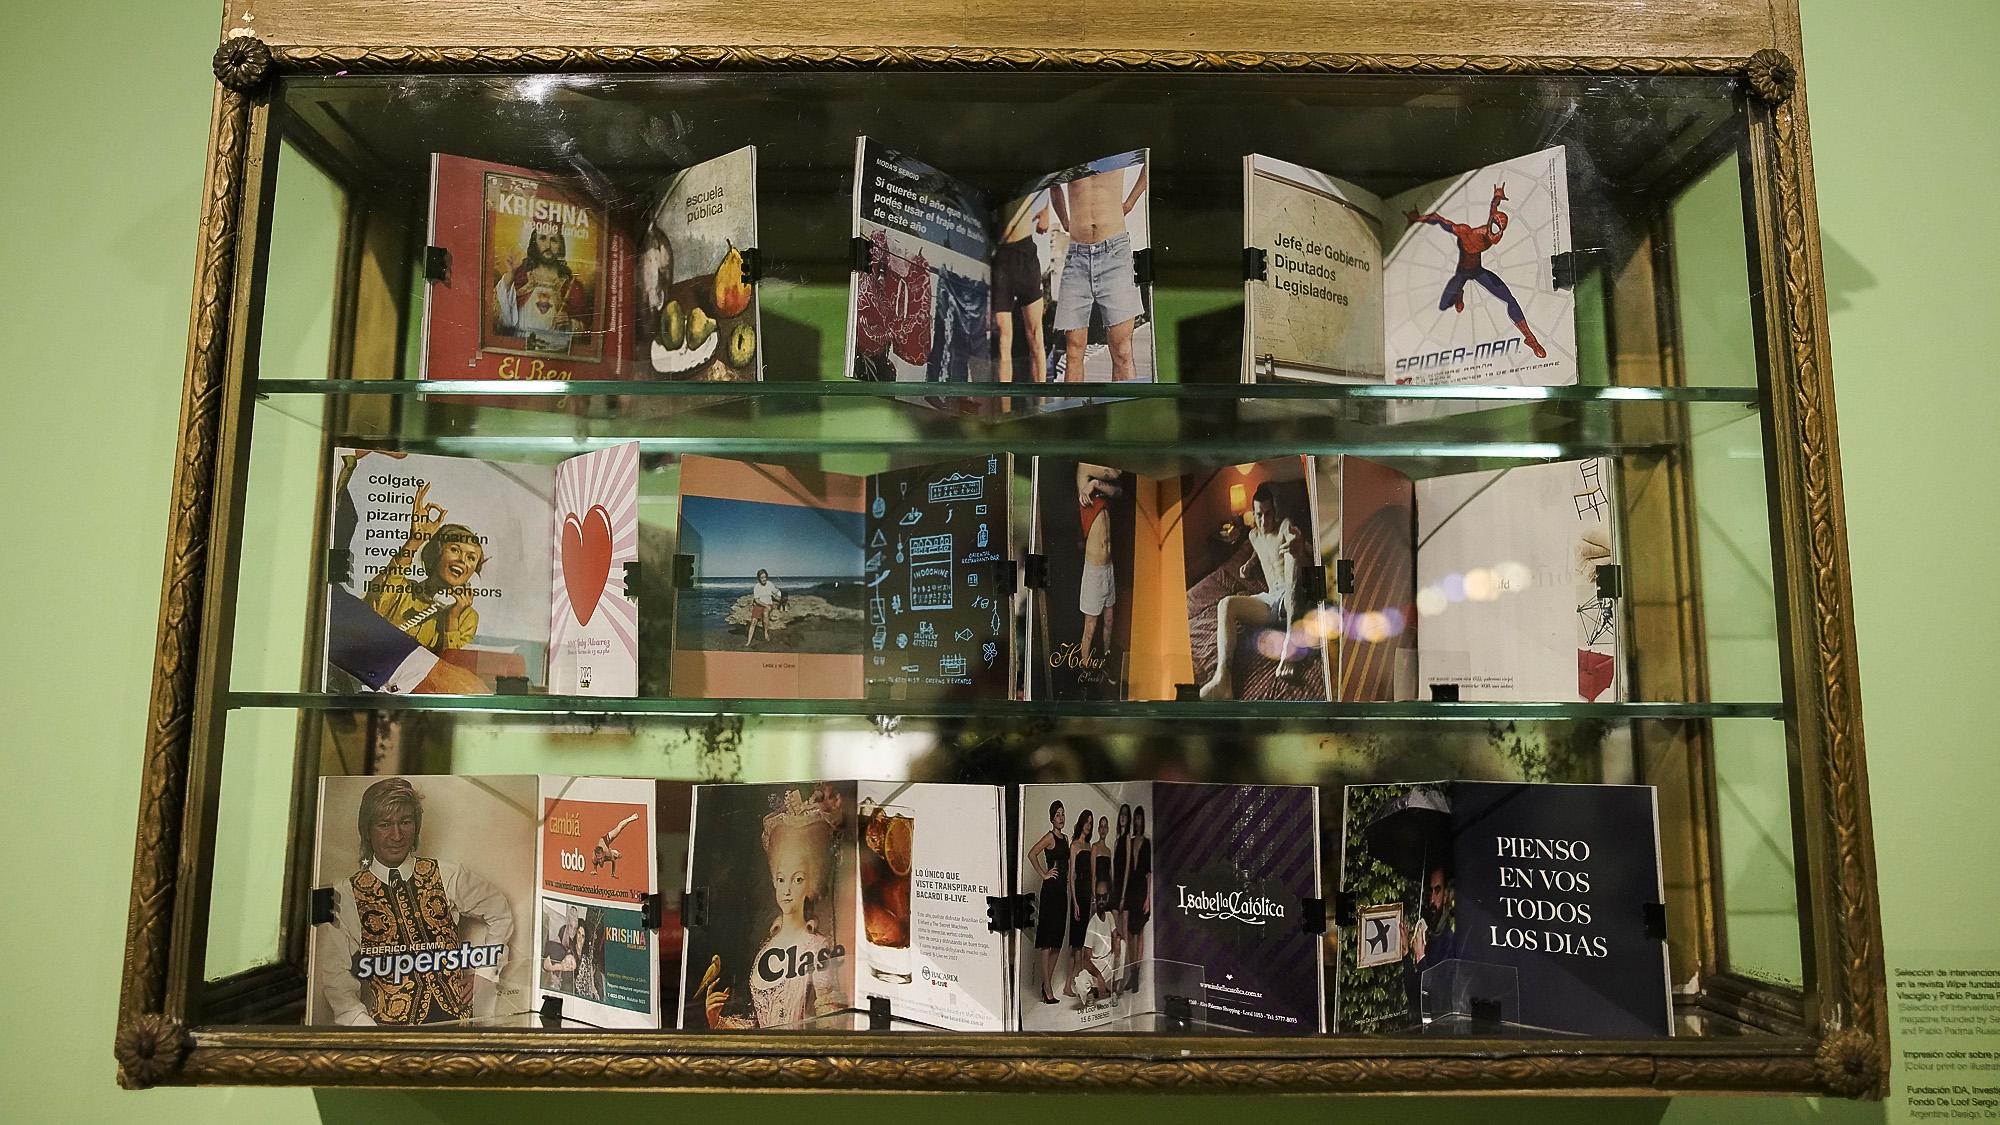 La muestra se presentó en el Museo de Arte Moderno de Buenos Aires, ubicado en Avenida San Juan 350, San Telmo